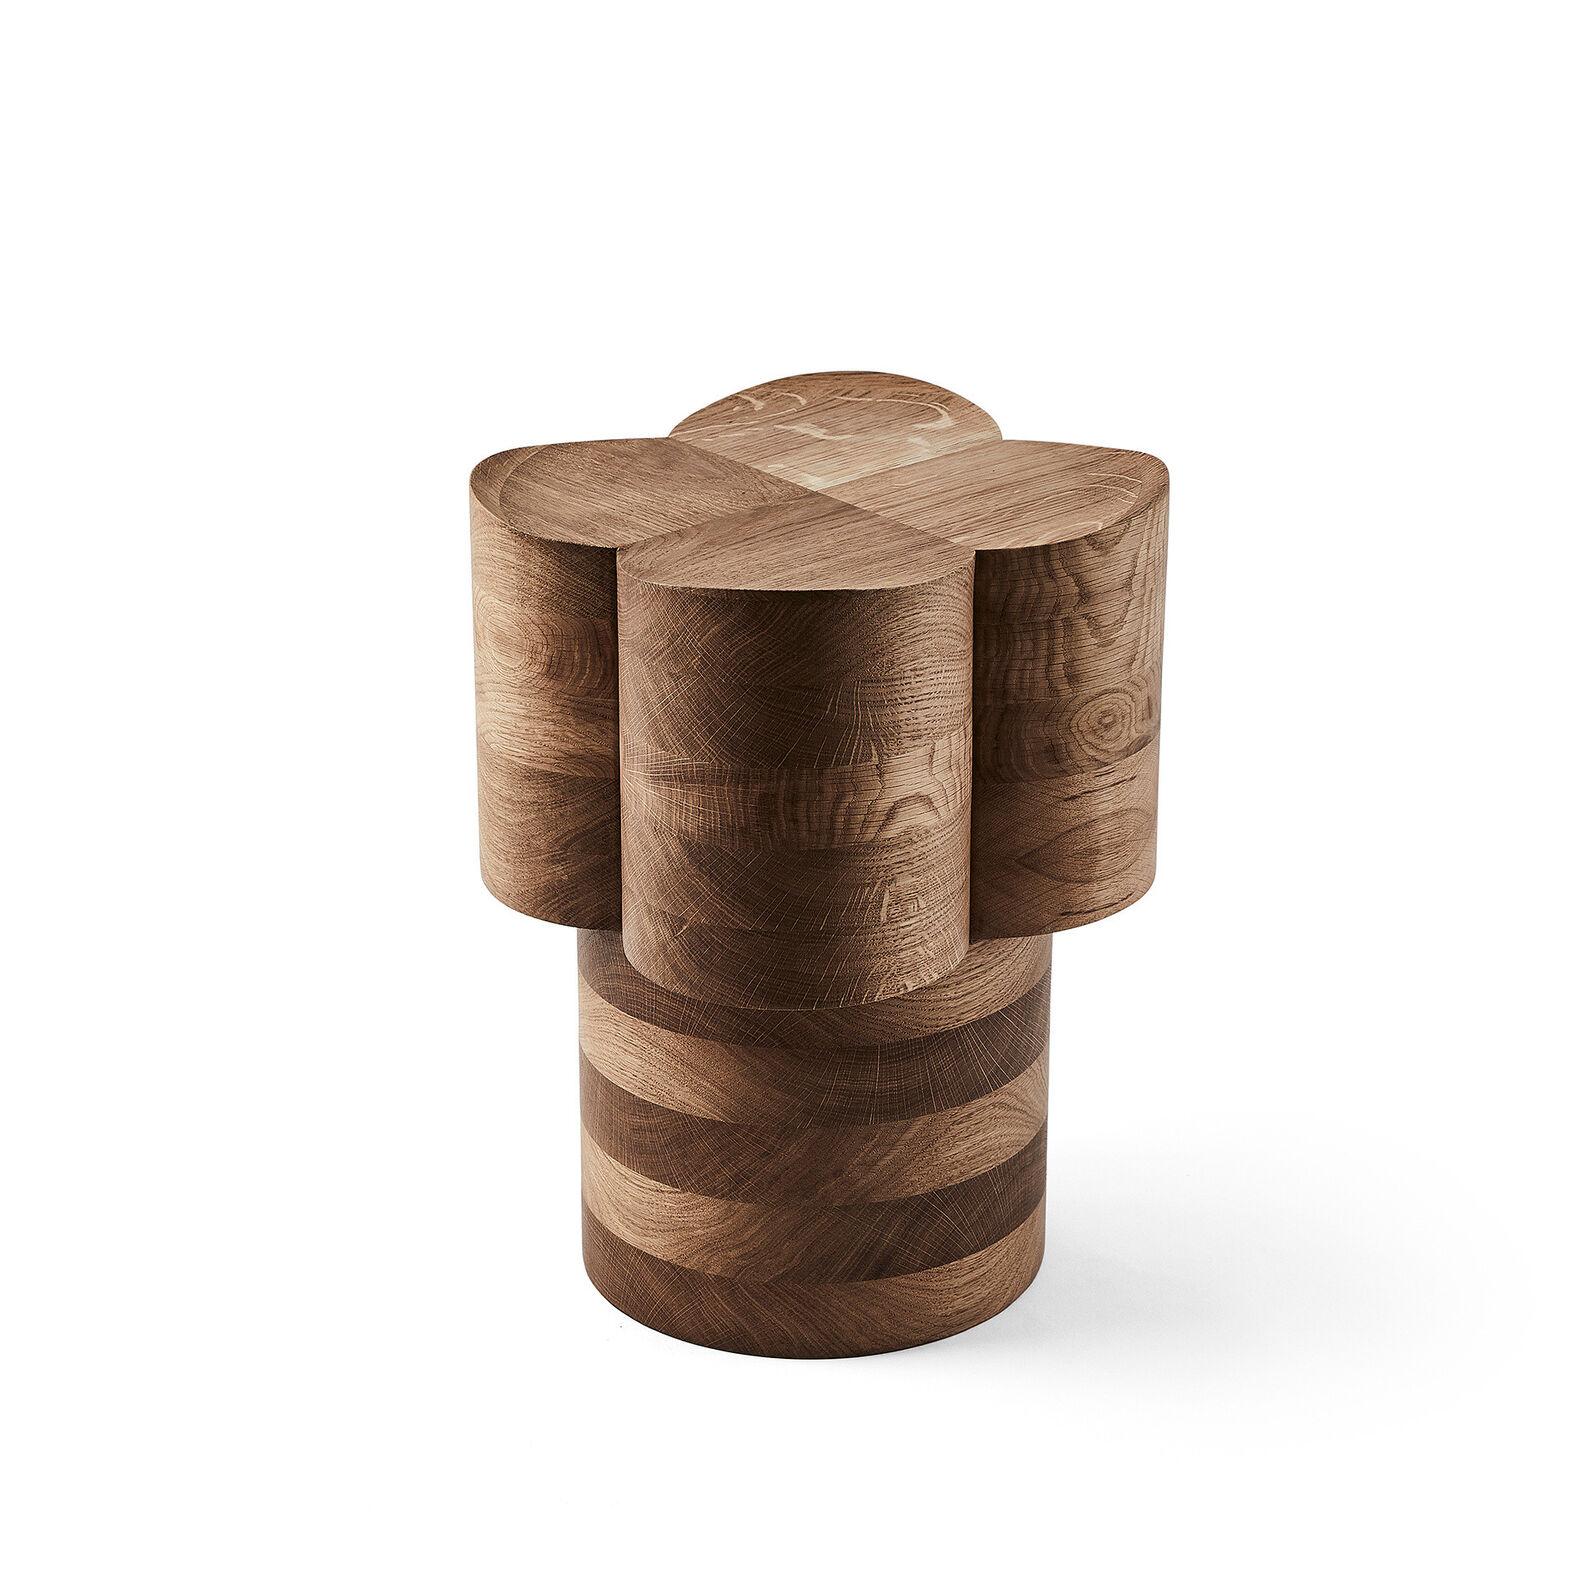 Oak wood stool by Agustina Bottoni